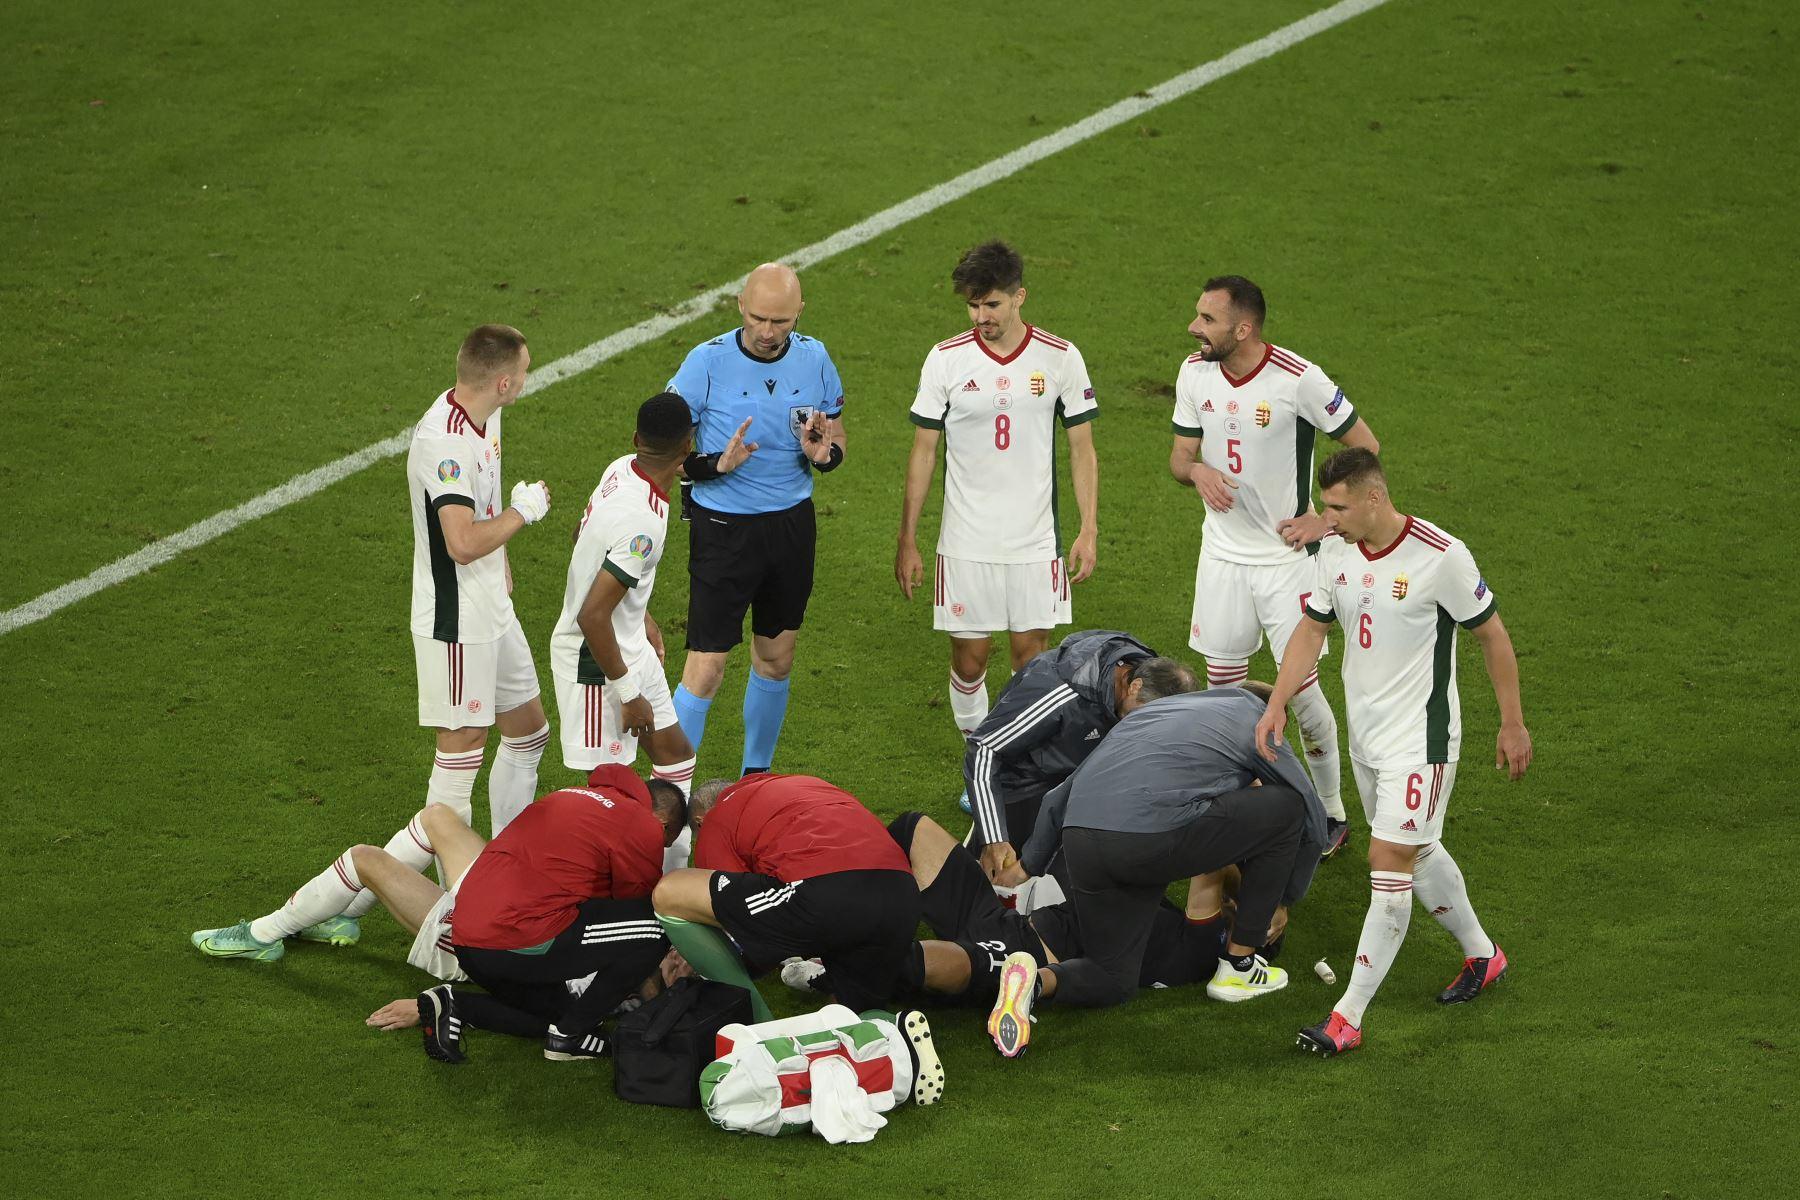 El mediocampista húngaro Andras Schafer y el mediocampista alemán Ilkay Gundogan reciben atención médica tras una colisión durante el partido por el Grupo F de la UEFA EURO 2020. Foto: AFP